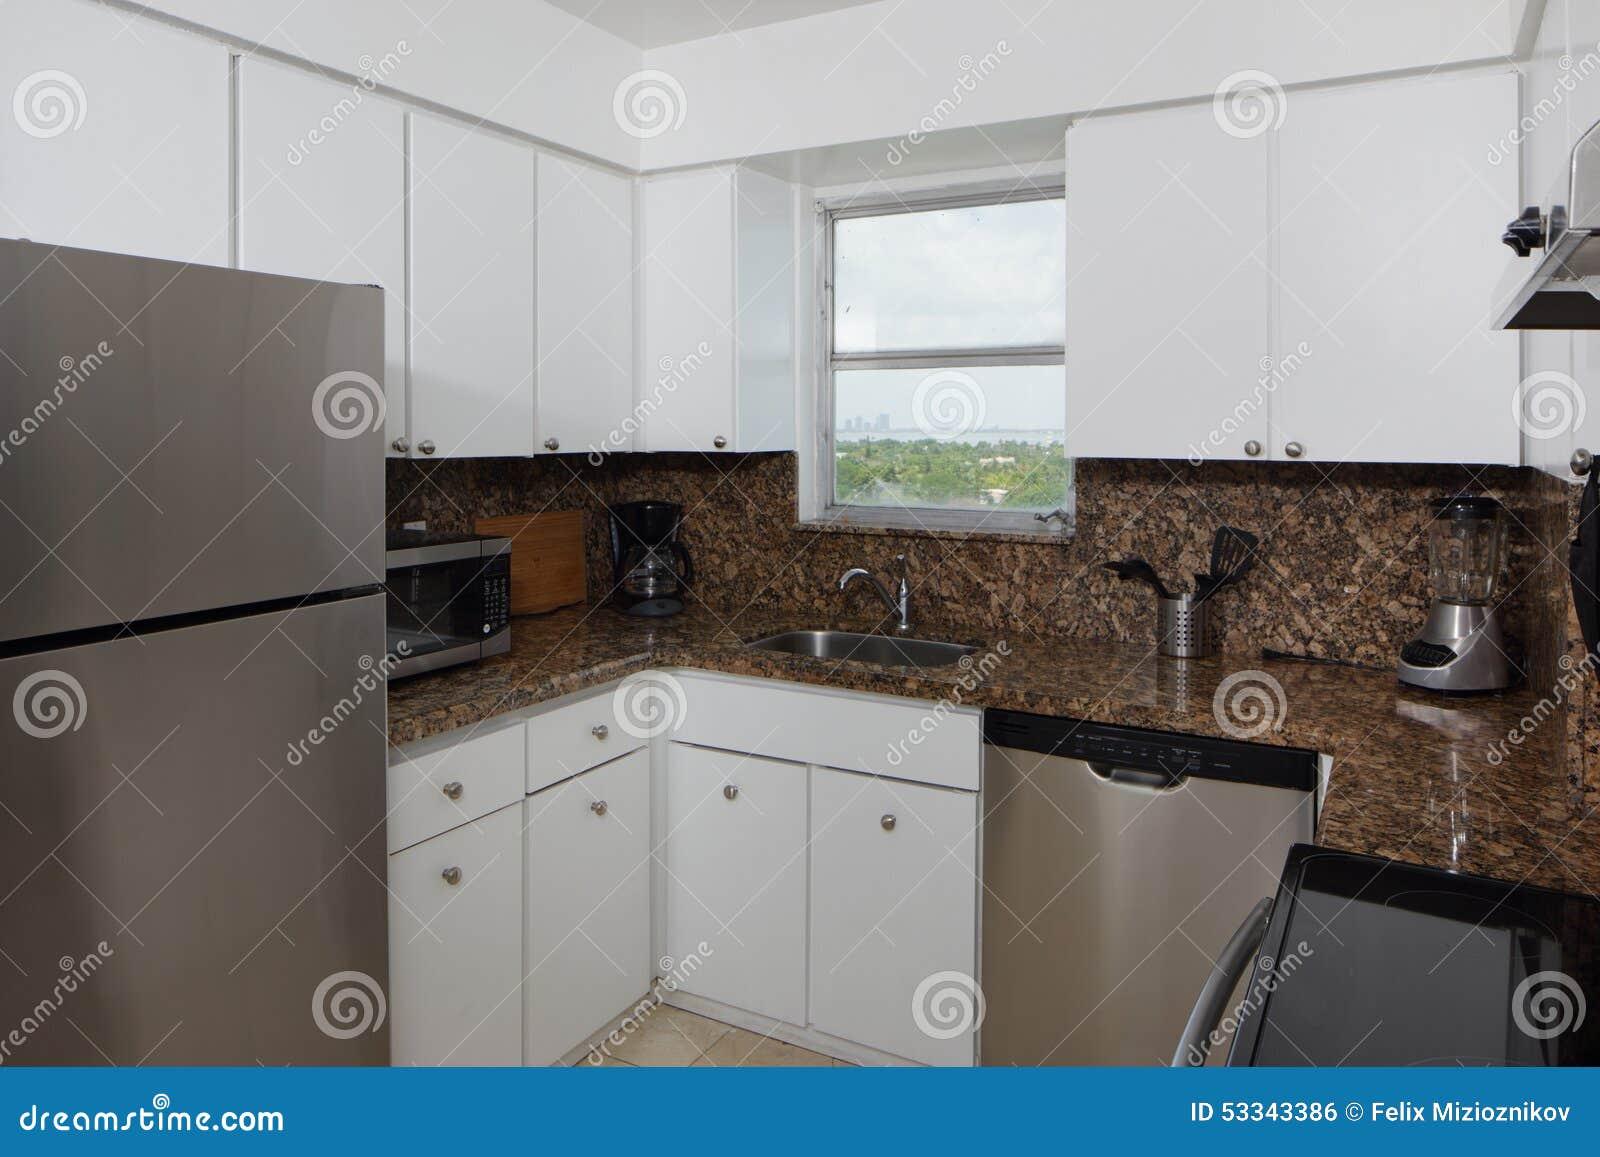 Met Keuken Kleine : Moderne kleine keuken stock foto afbeelding bestaande uit